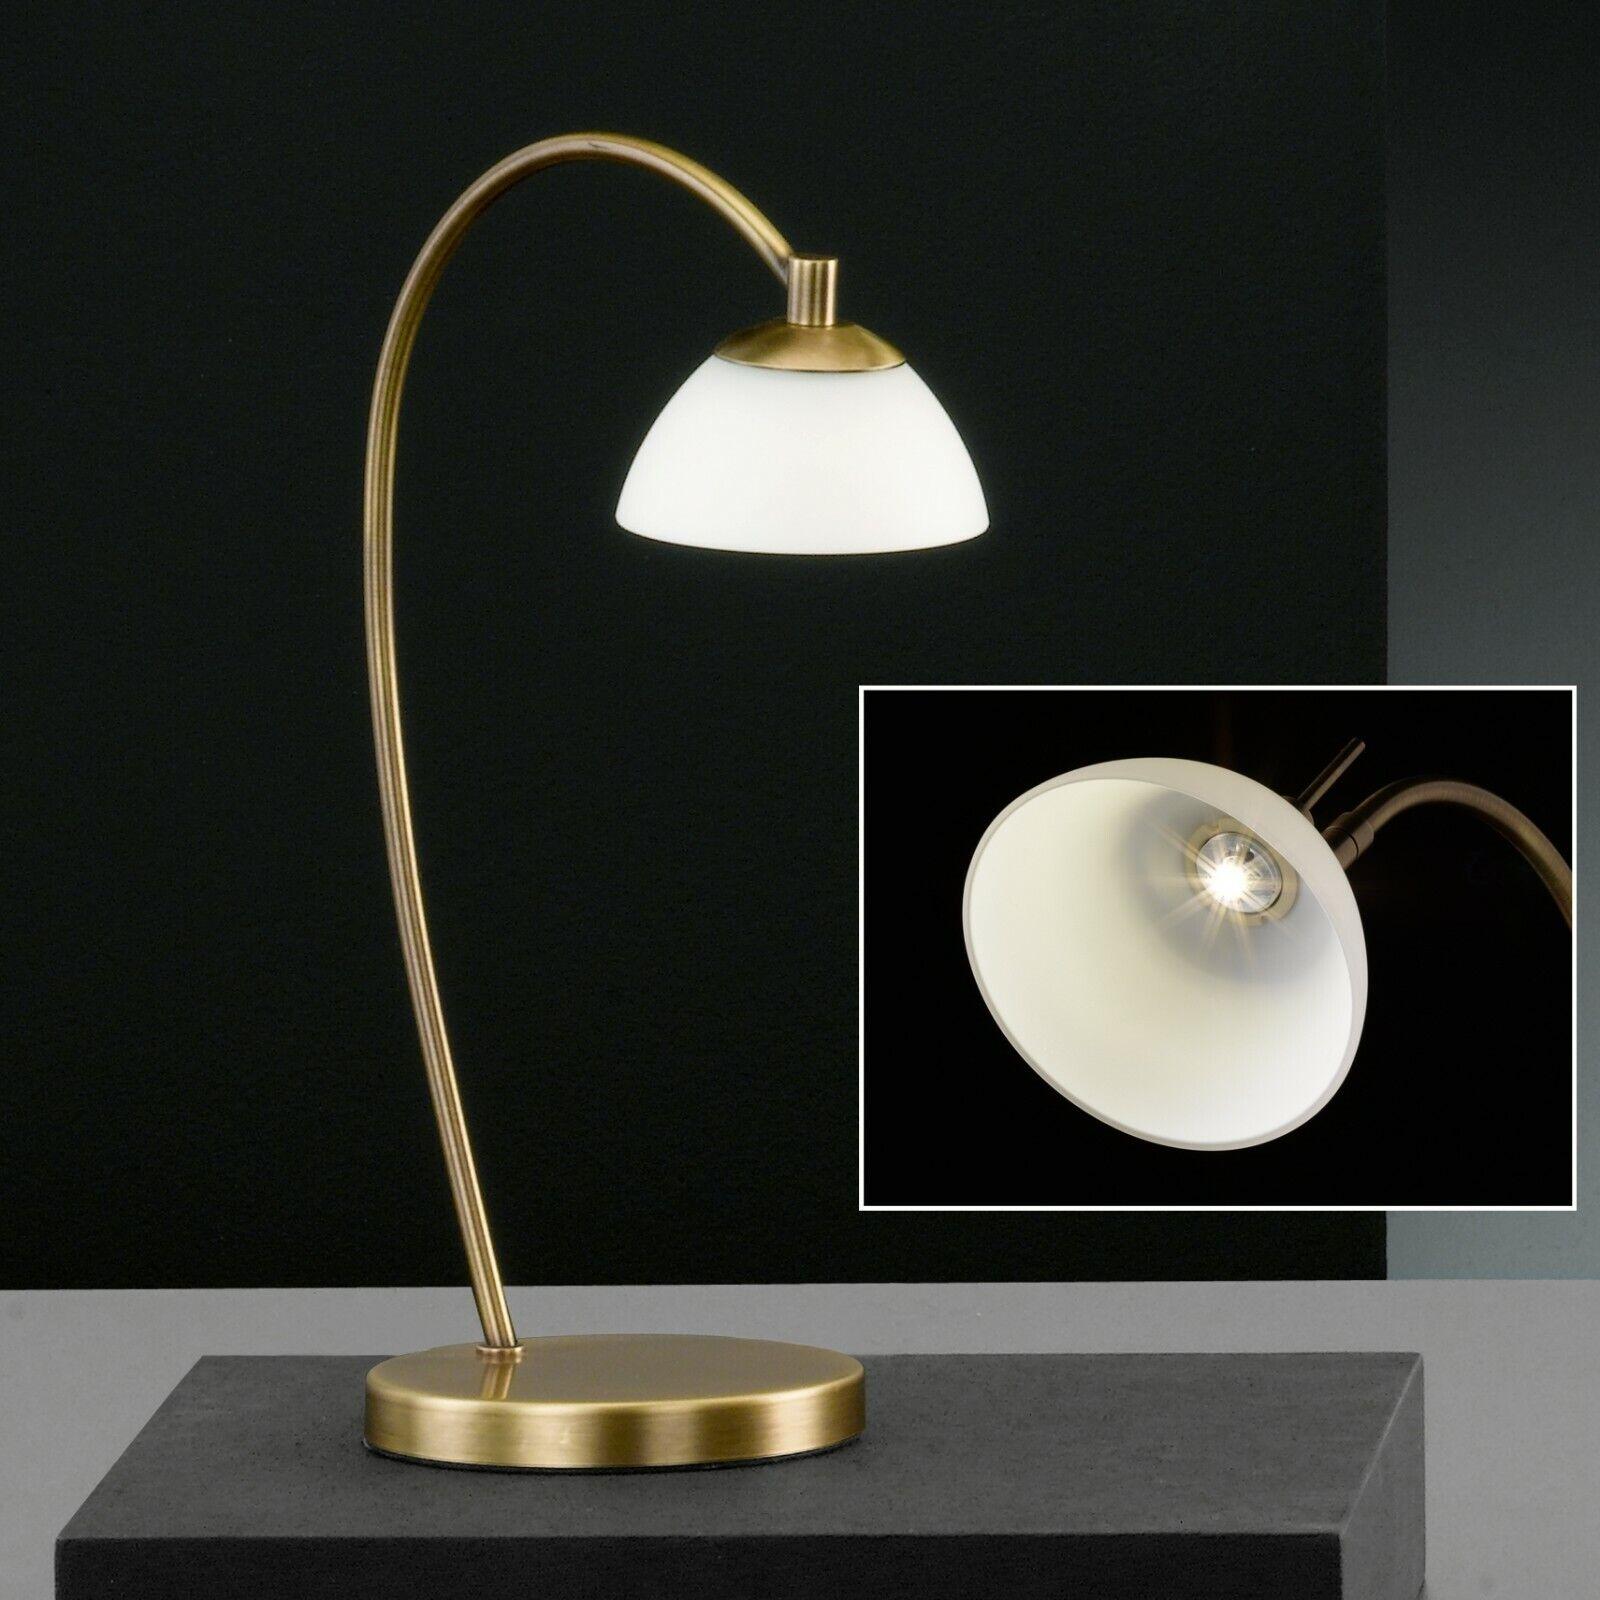 Mini Tischlampe LED Nacht Tischlampe Alt Messing Lampe mit Glasschirm H 37 cm   eBay